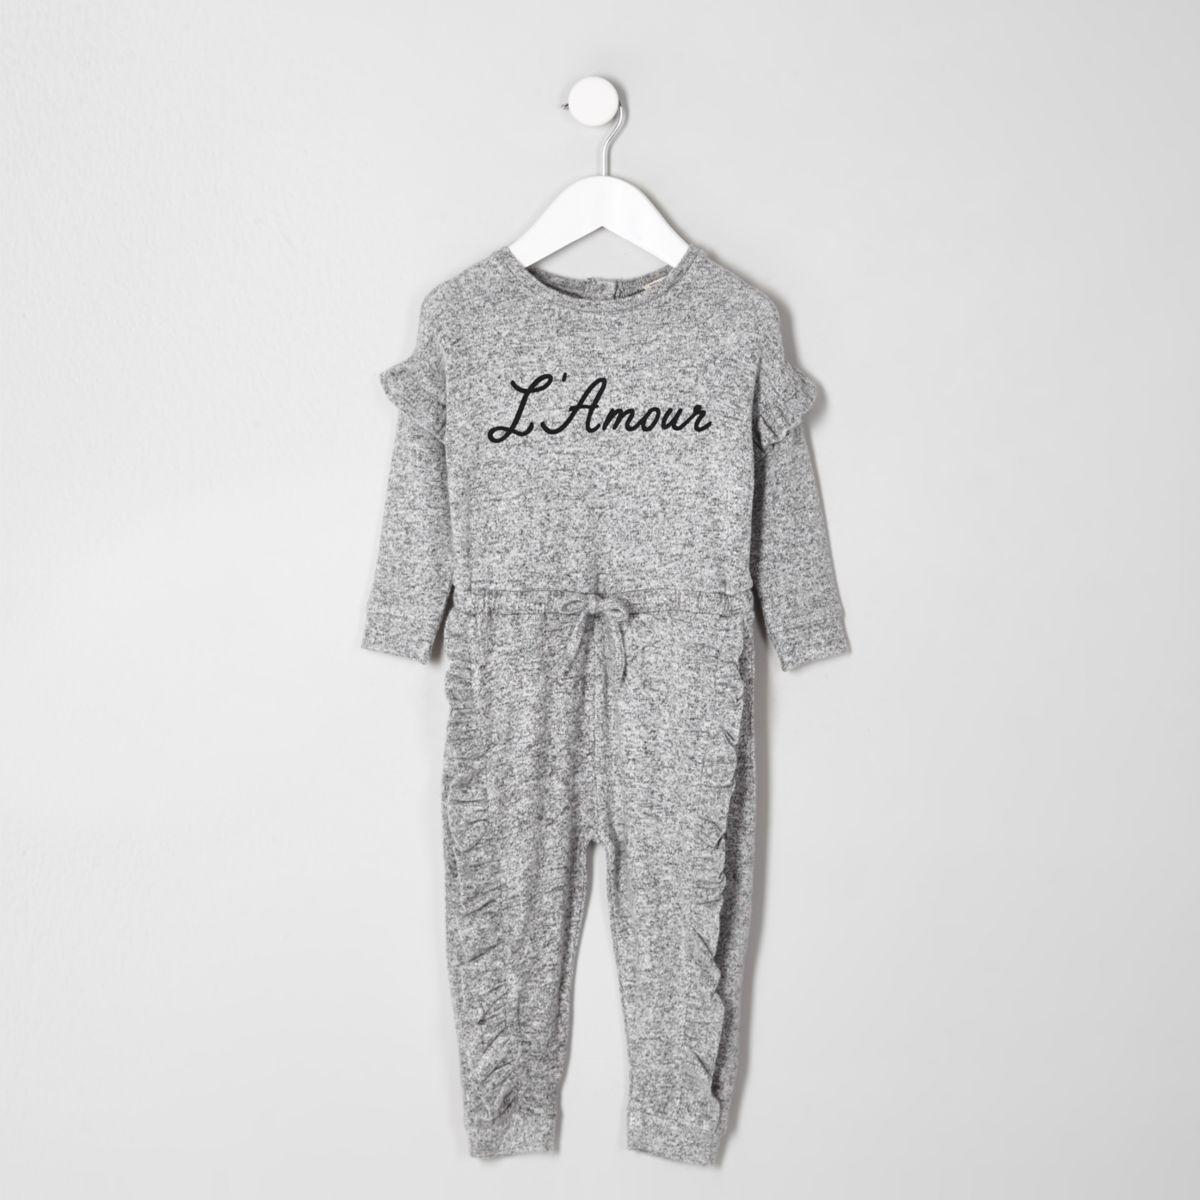 Mini girls grey 'L'amour' print jumpsuit